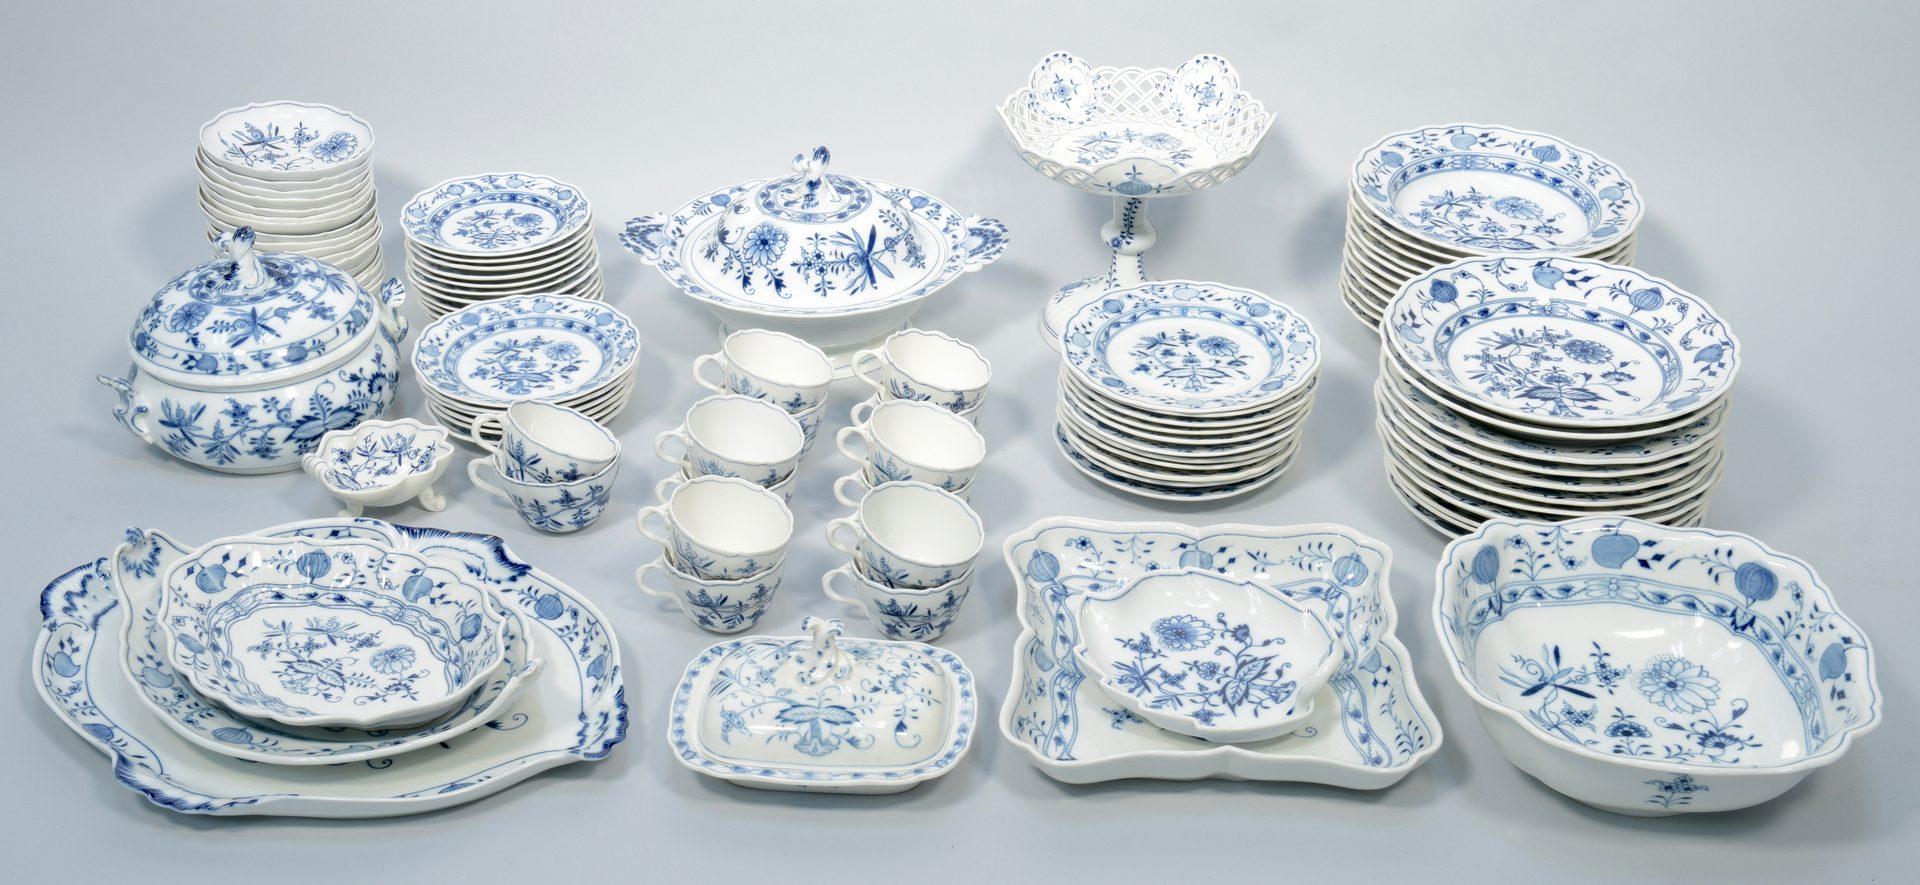 Lot 686: Meissen Blue Onion Porcelain, 93 pcs.